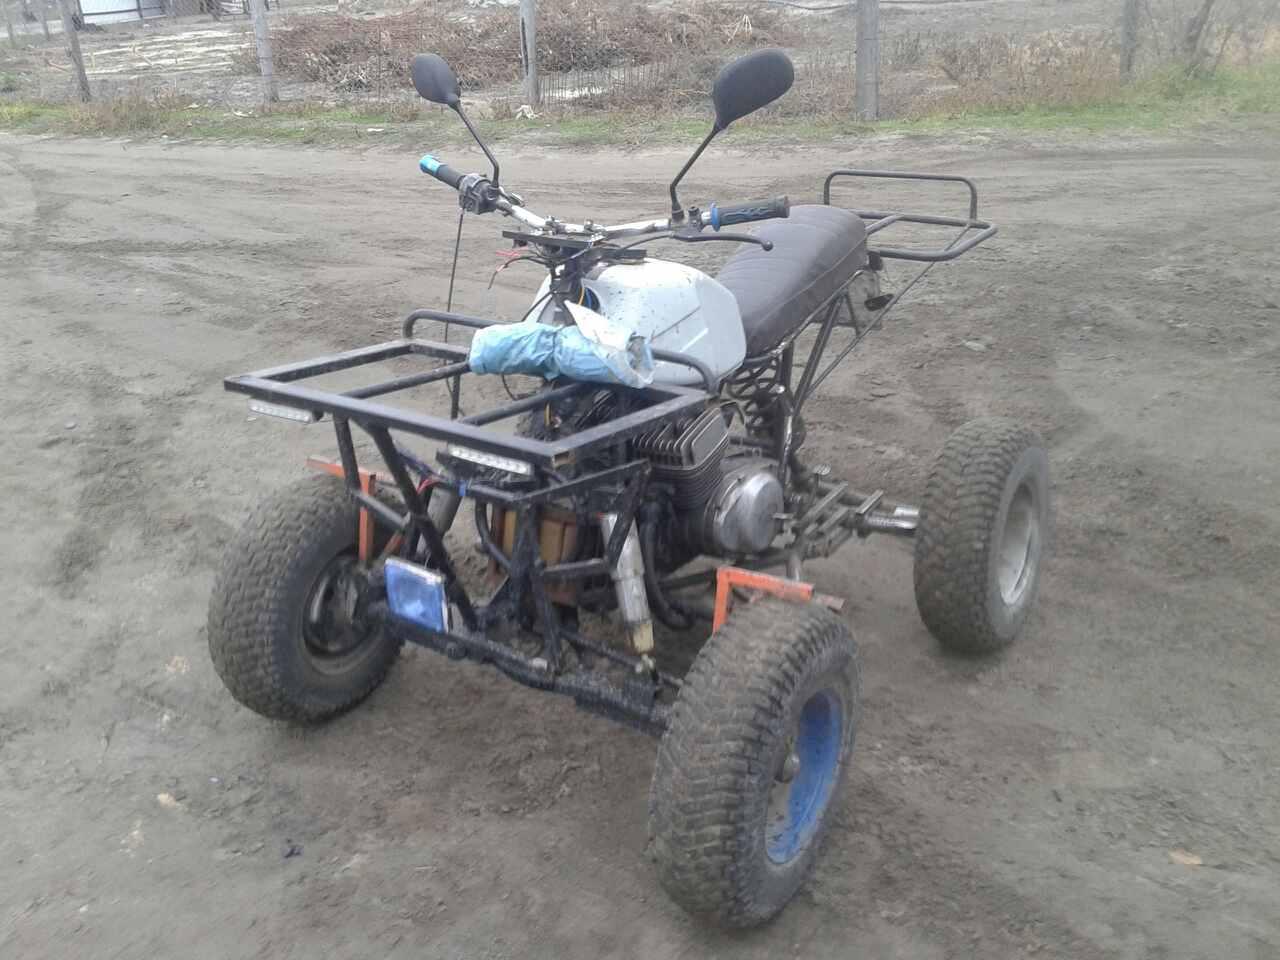 Украинец собрал в гараже мощный квадроцикл 3